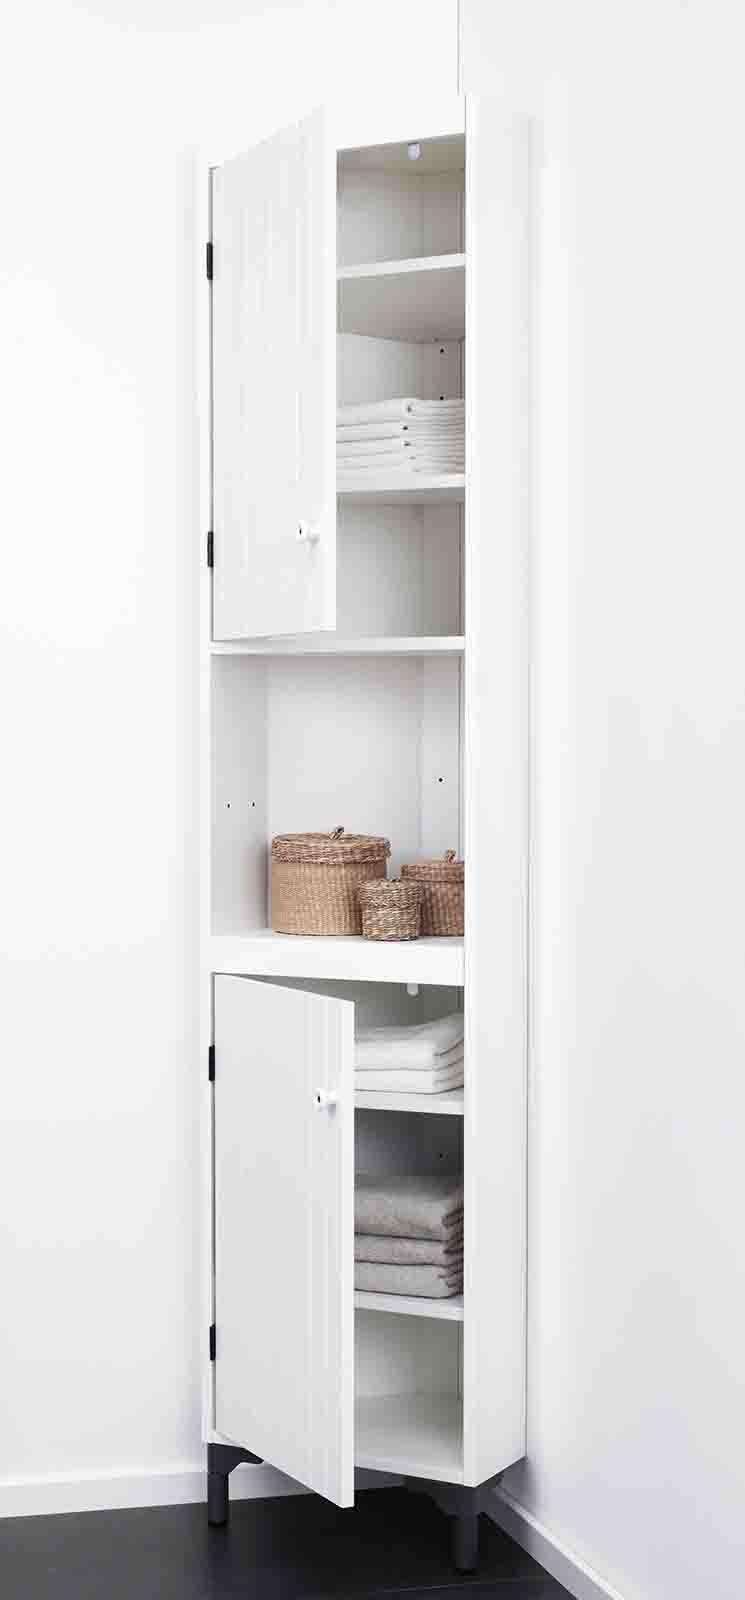 Bagno sfruttare l 39 angolo cose di casa for Immagini mobili